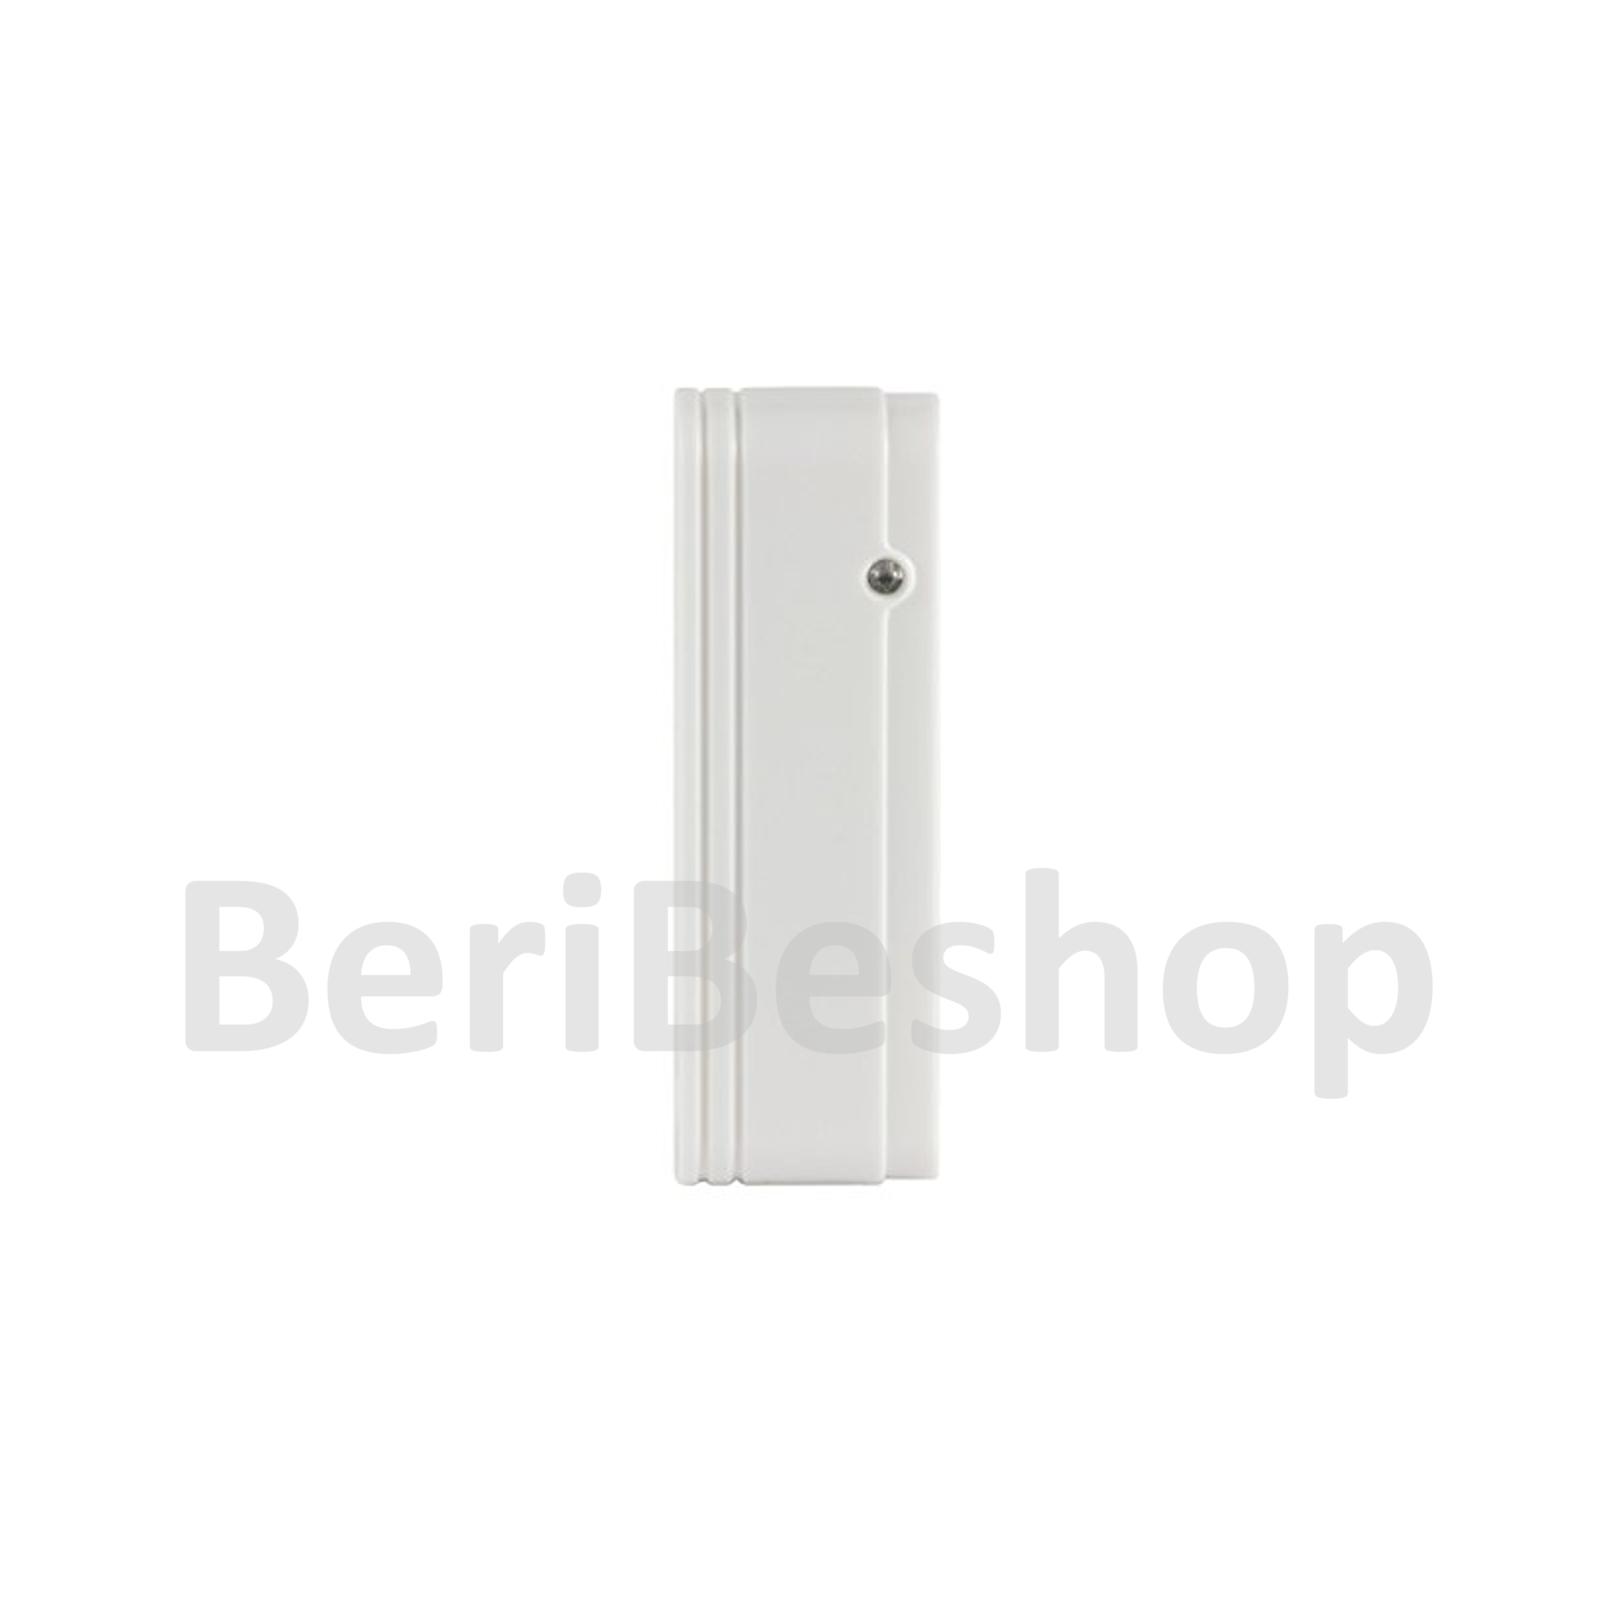 Sistemi di antifurto sensore vibrazione per porte e finestre wireless 868 mhz - Antifurto porte e finestre ...